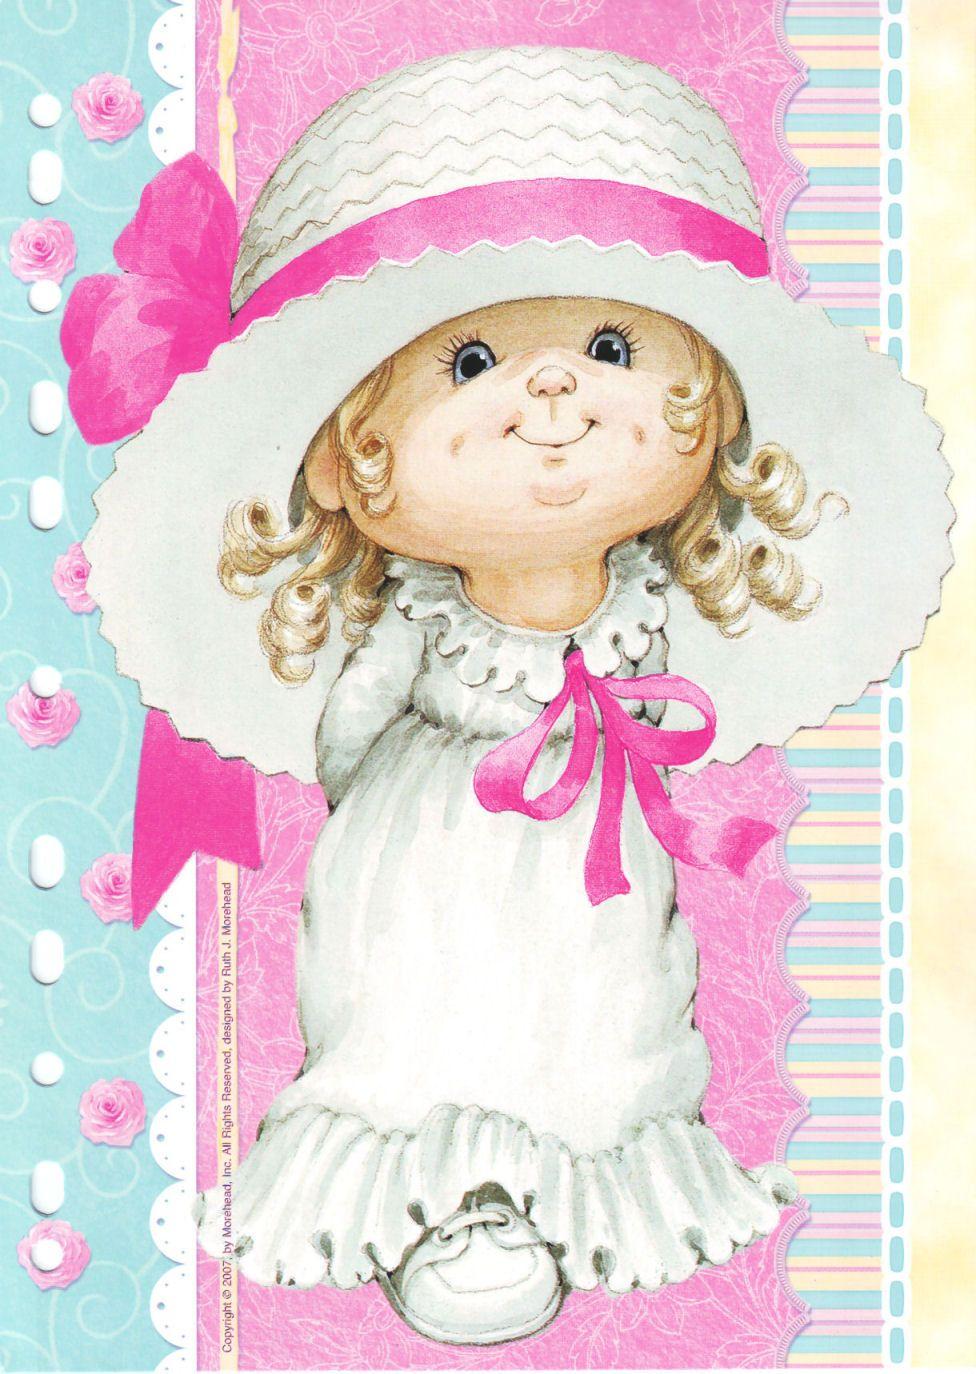 Прикольные картинки, открытка маленькой девочкой